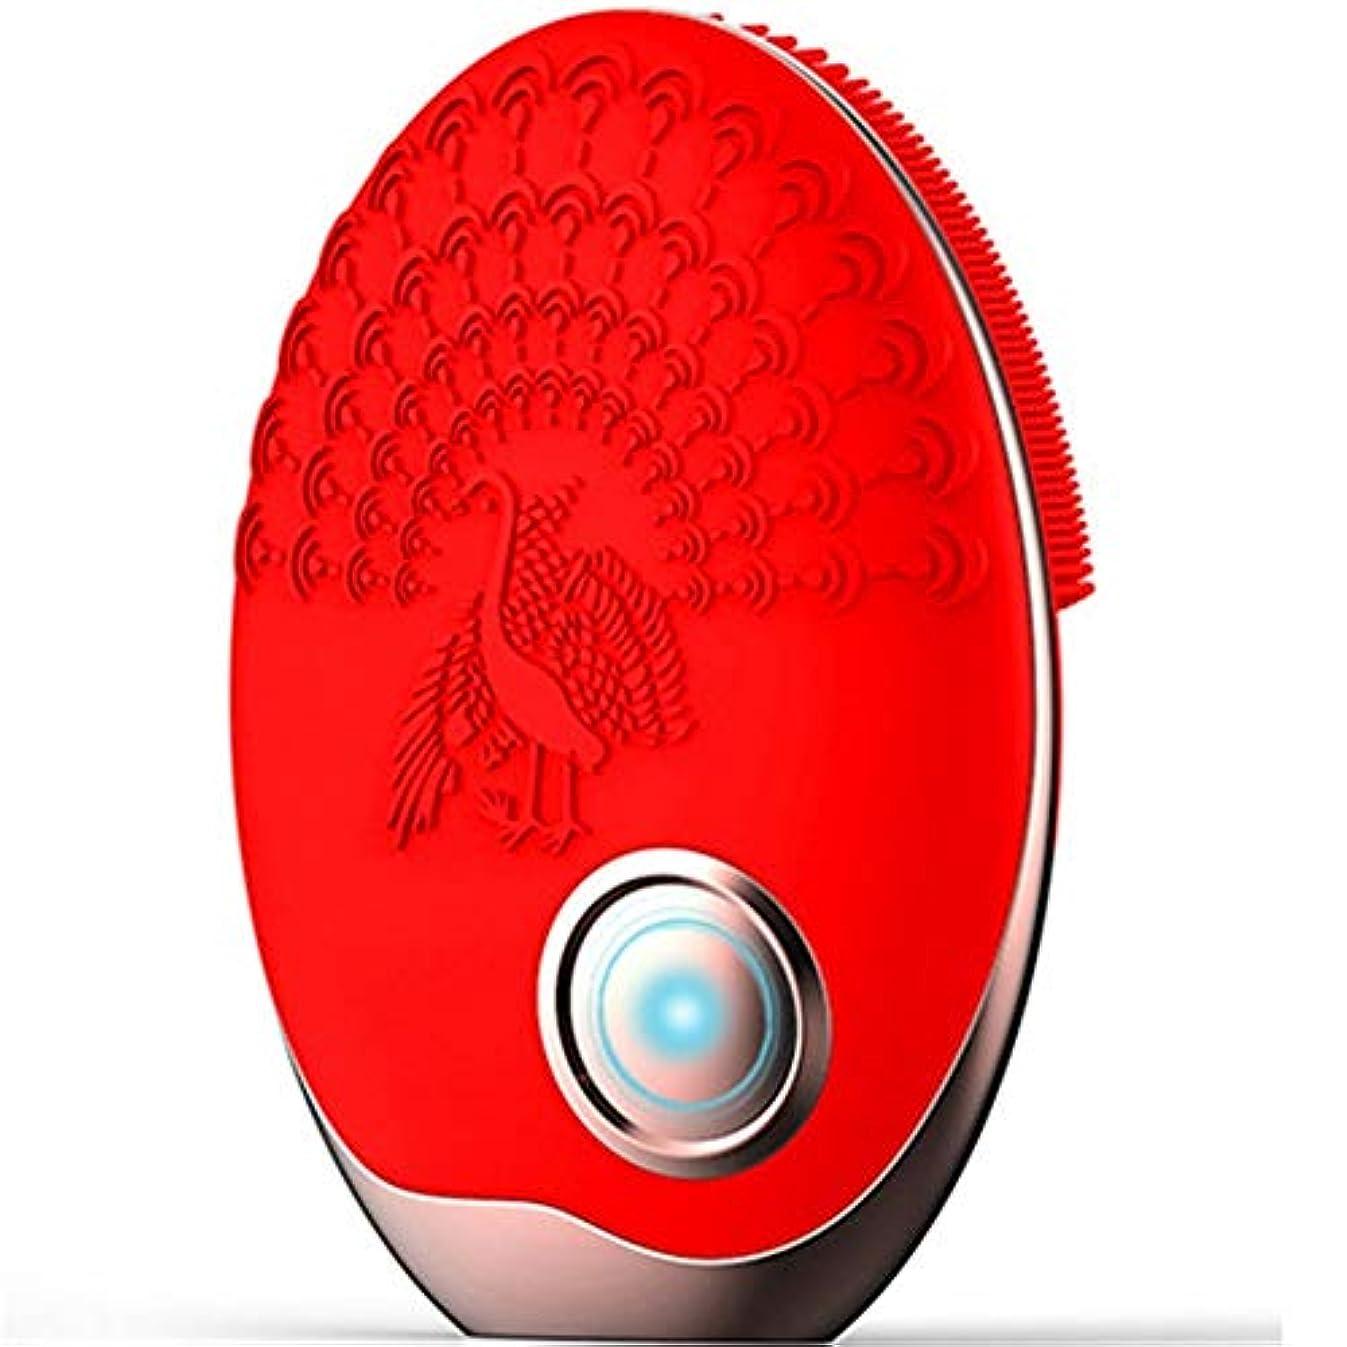 グリット寝具電気的ZHILI 洗顔ブラシ、ワイヤレス充電クレンジング美容器具、電気掃除用ブラシ、超音波振動洗浄用ブラシ、シリコーン洗濯機 (Color : Red)